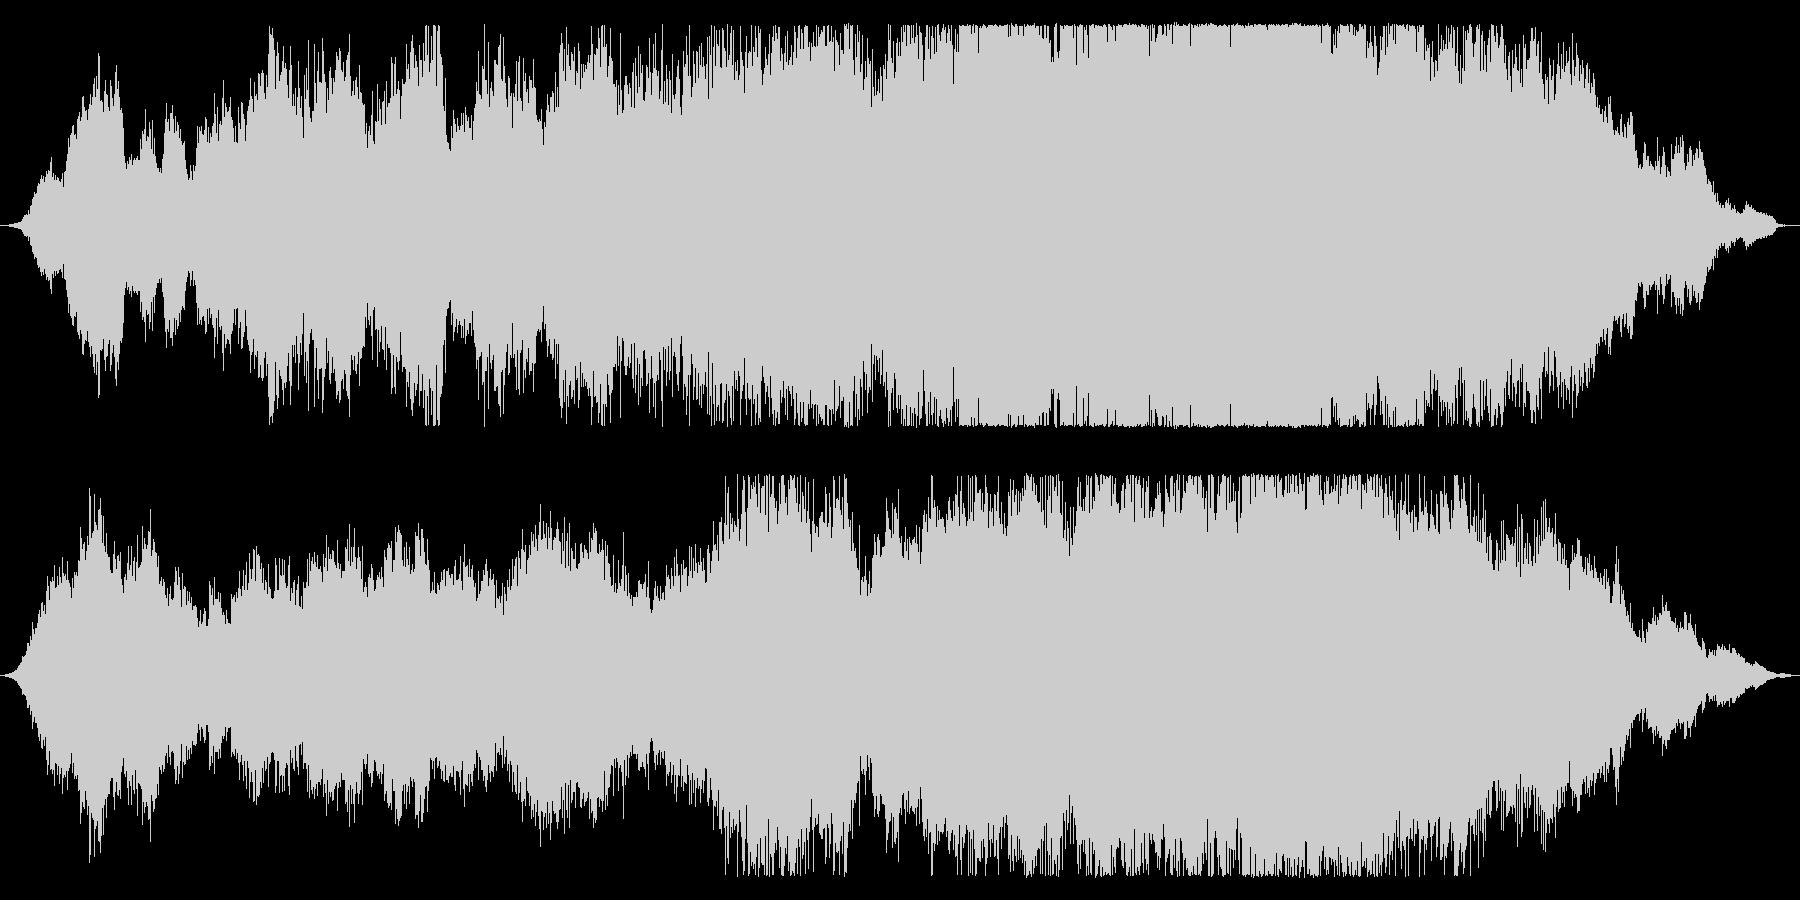 恐怖感のあるホラーBGMの未再生の波形